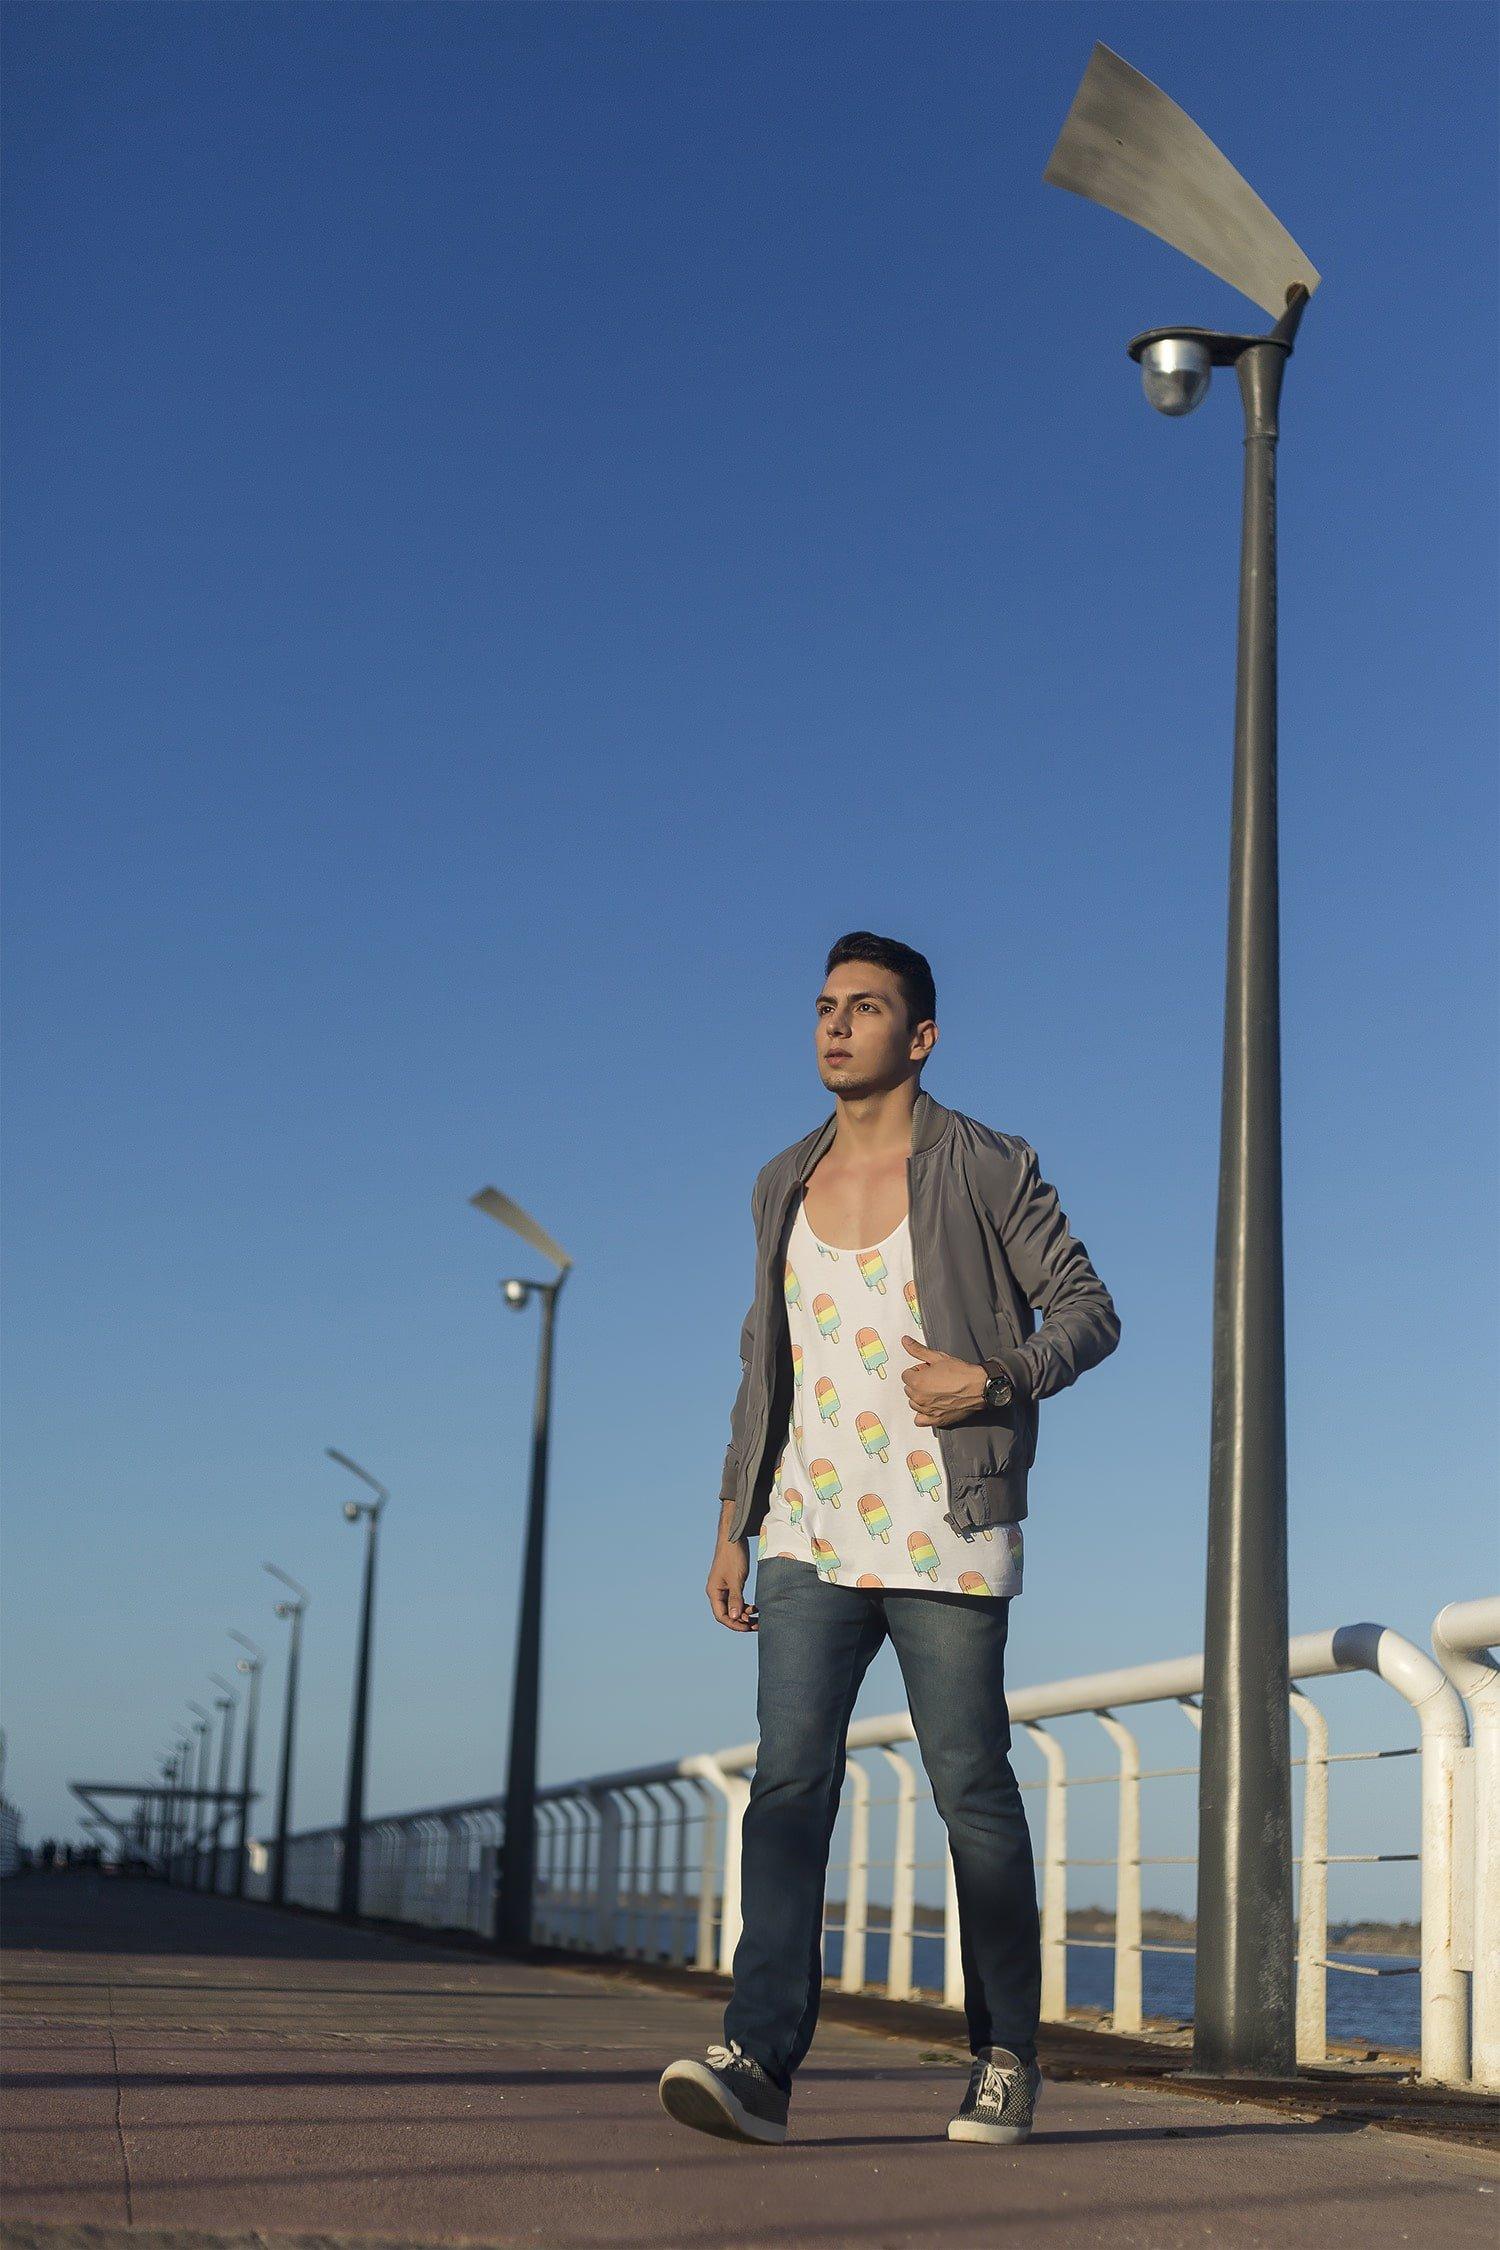 Estilo HQSC Regata divertida e look urbano Juan Alves 7